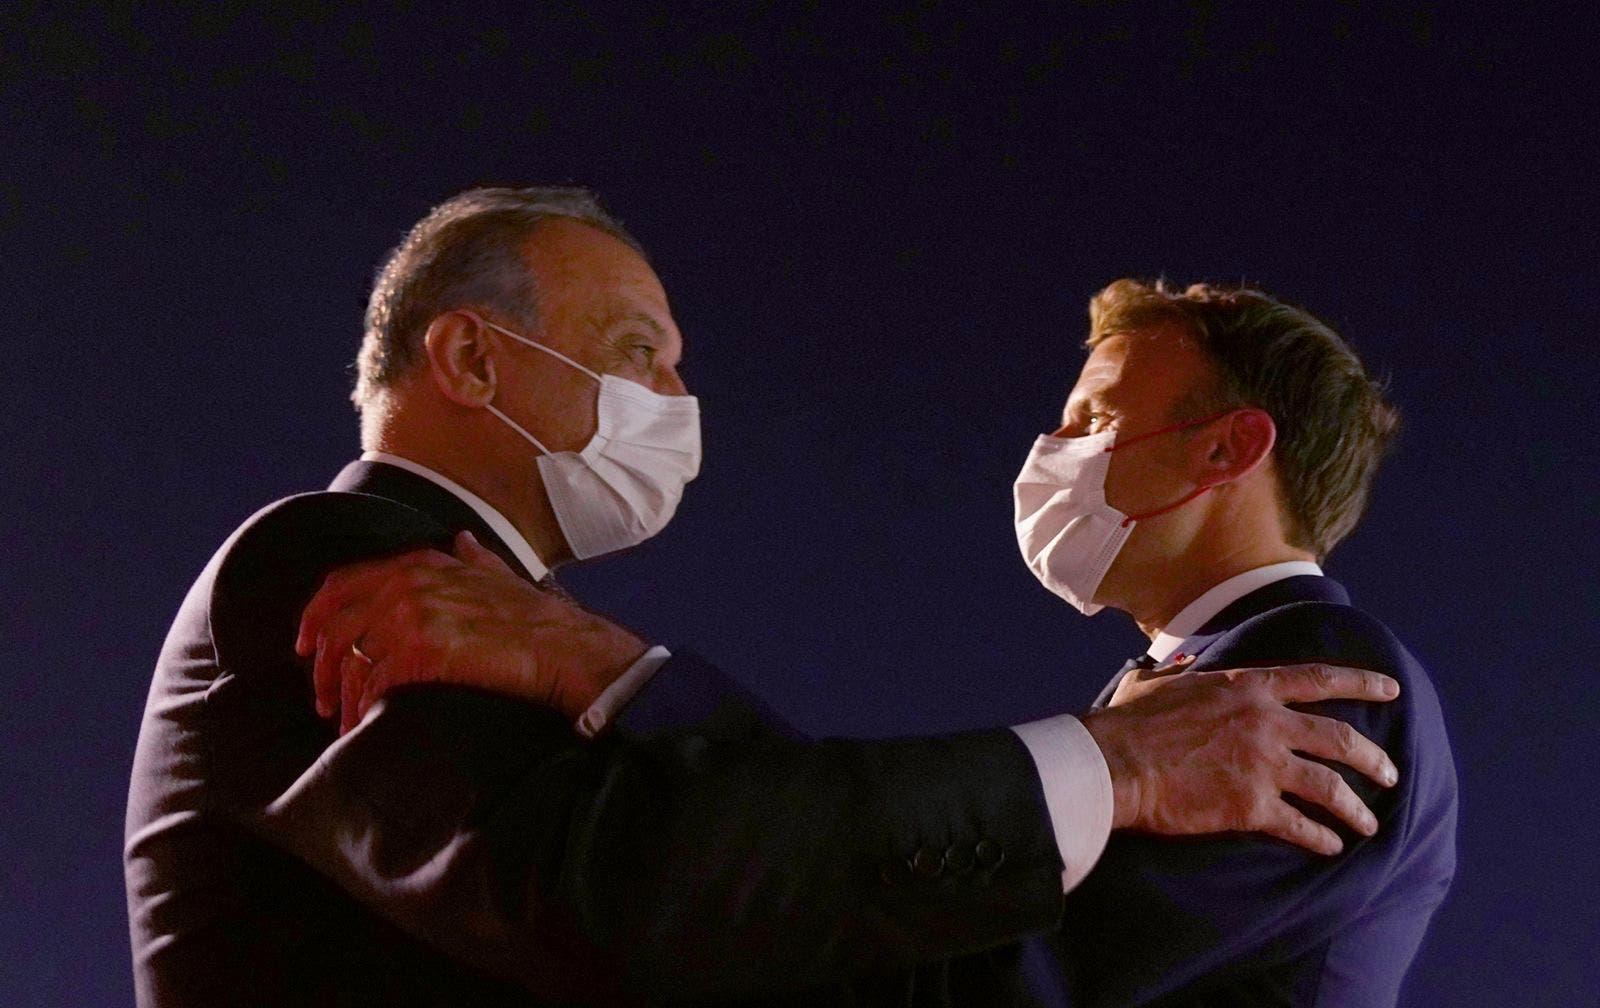 الرئيس الفرنسي ماكرون ورئيس الوزراء العراقس الكاظمي